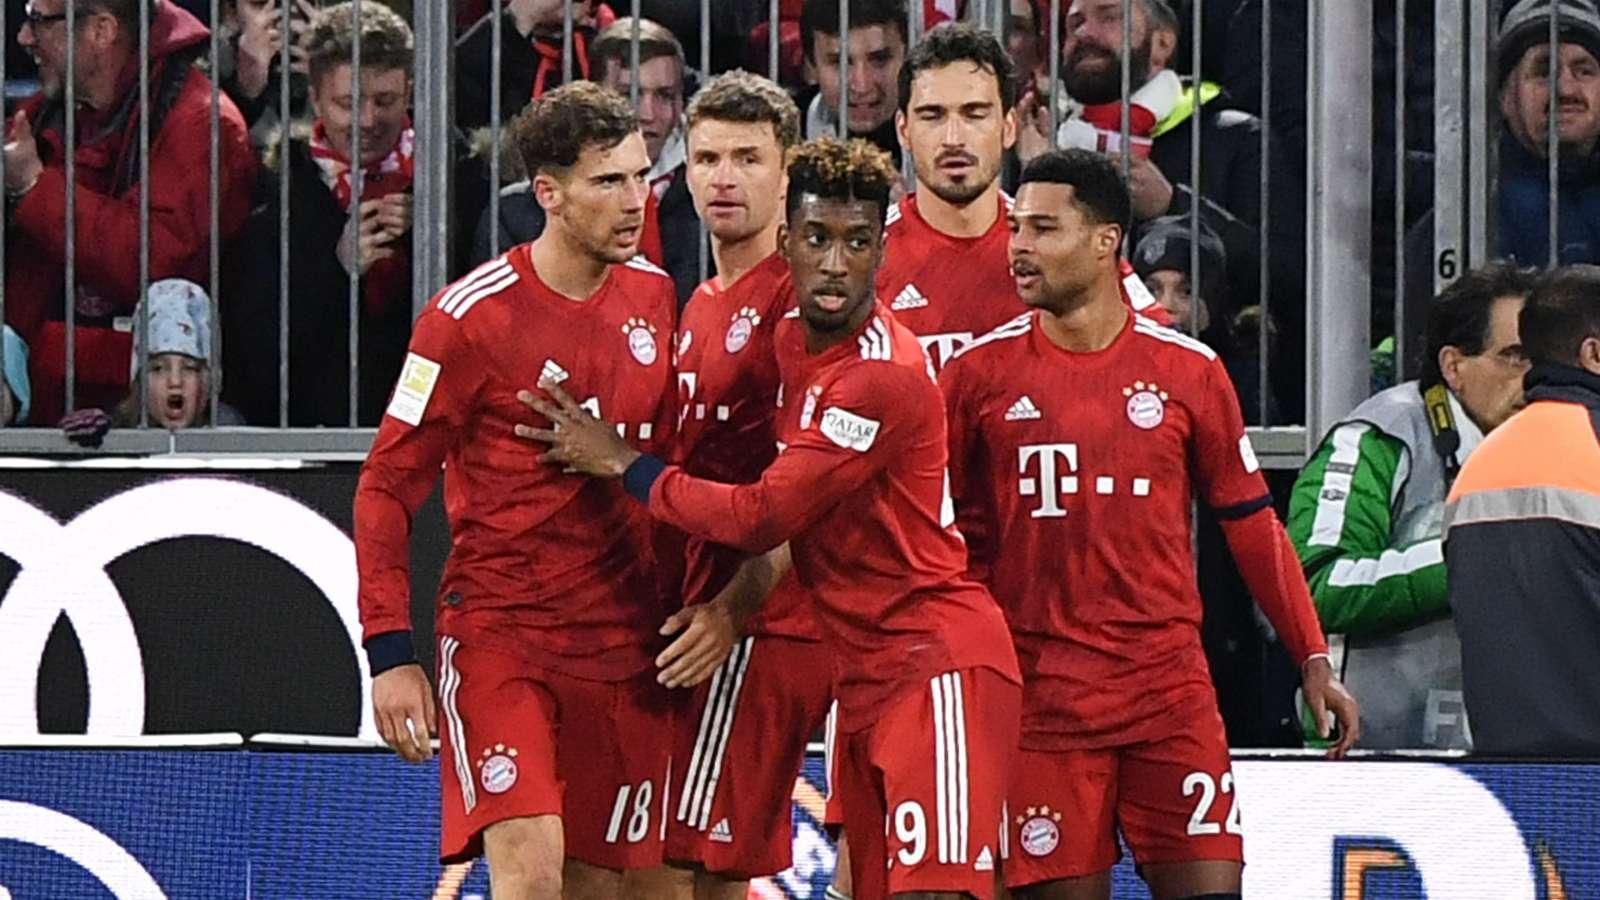 bayern cropped jq8y681vih871ah2mrhfy3d7p - Bayern Munich vs Stuttgart 4-1: Match Reports & Highlights [Video]